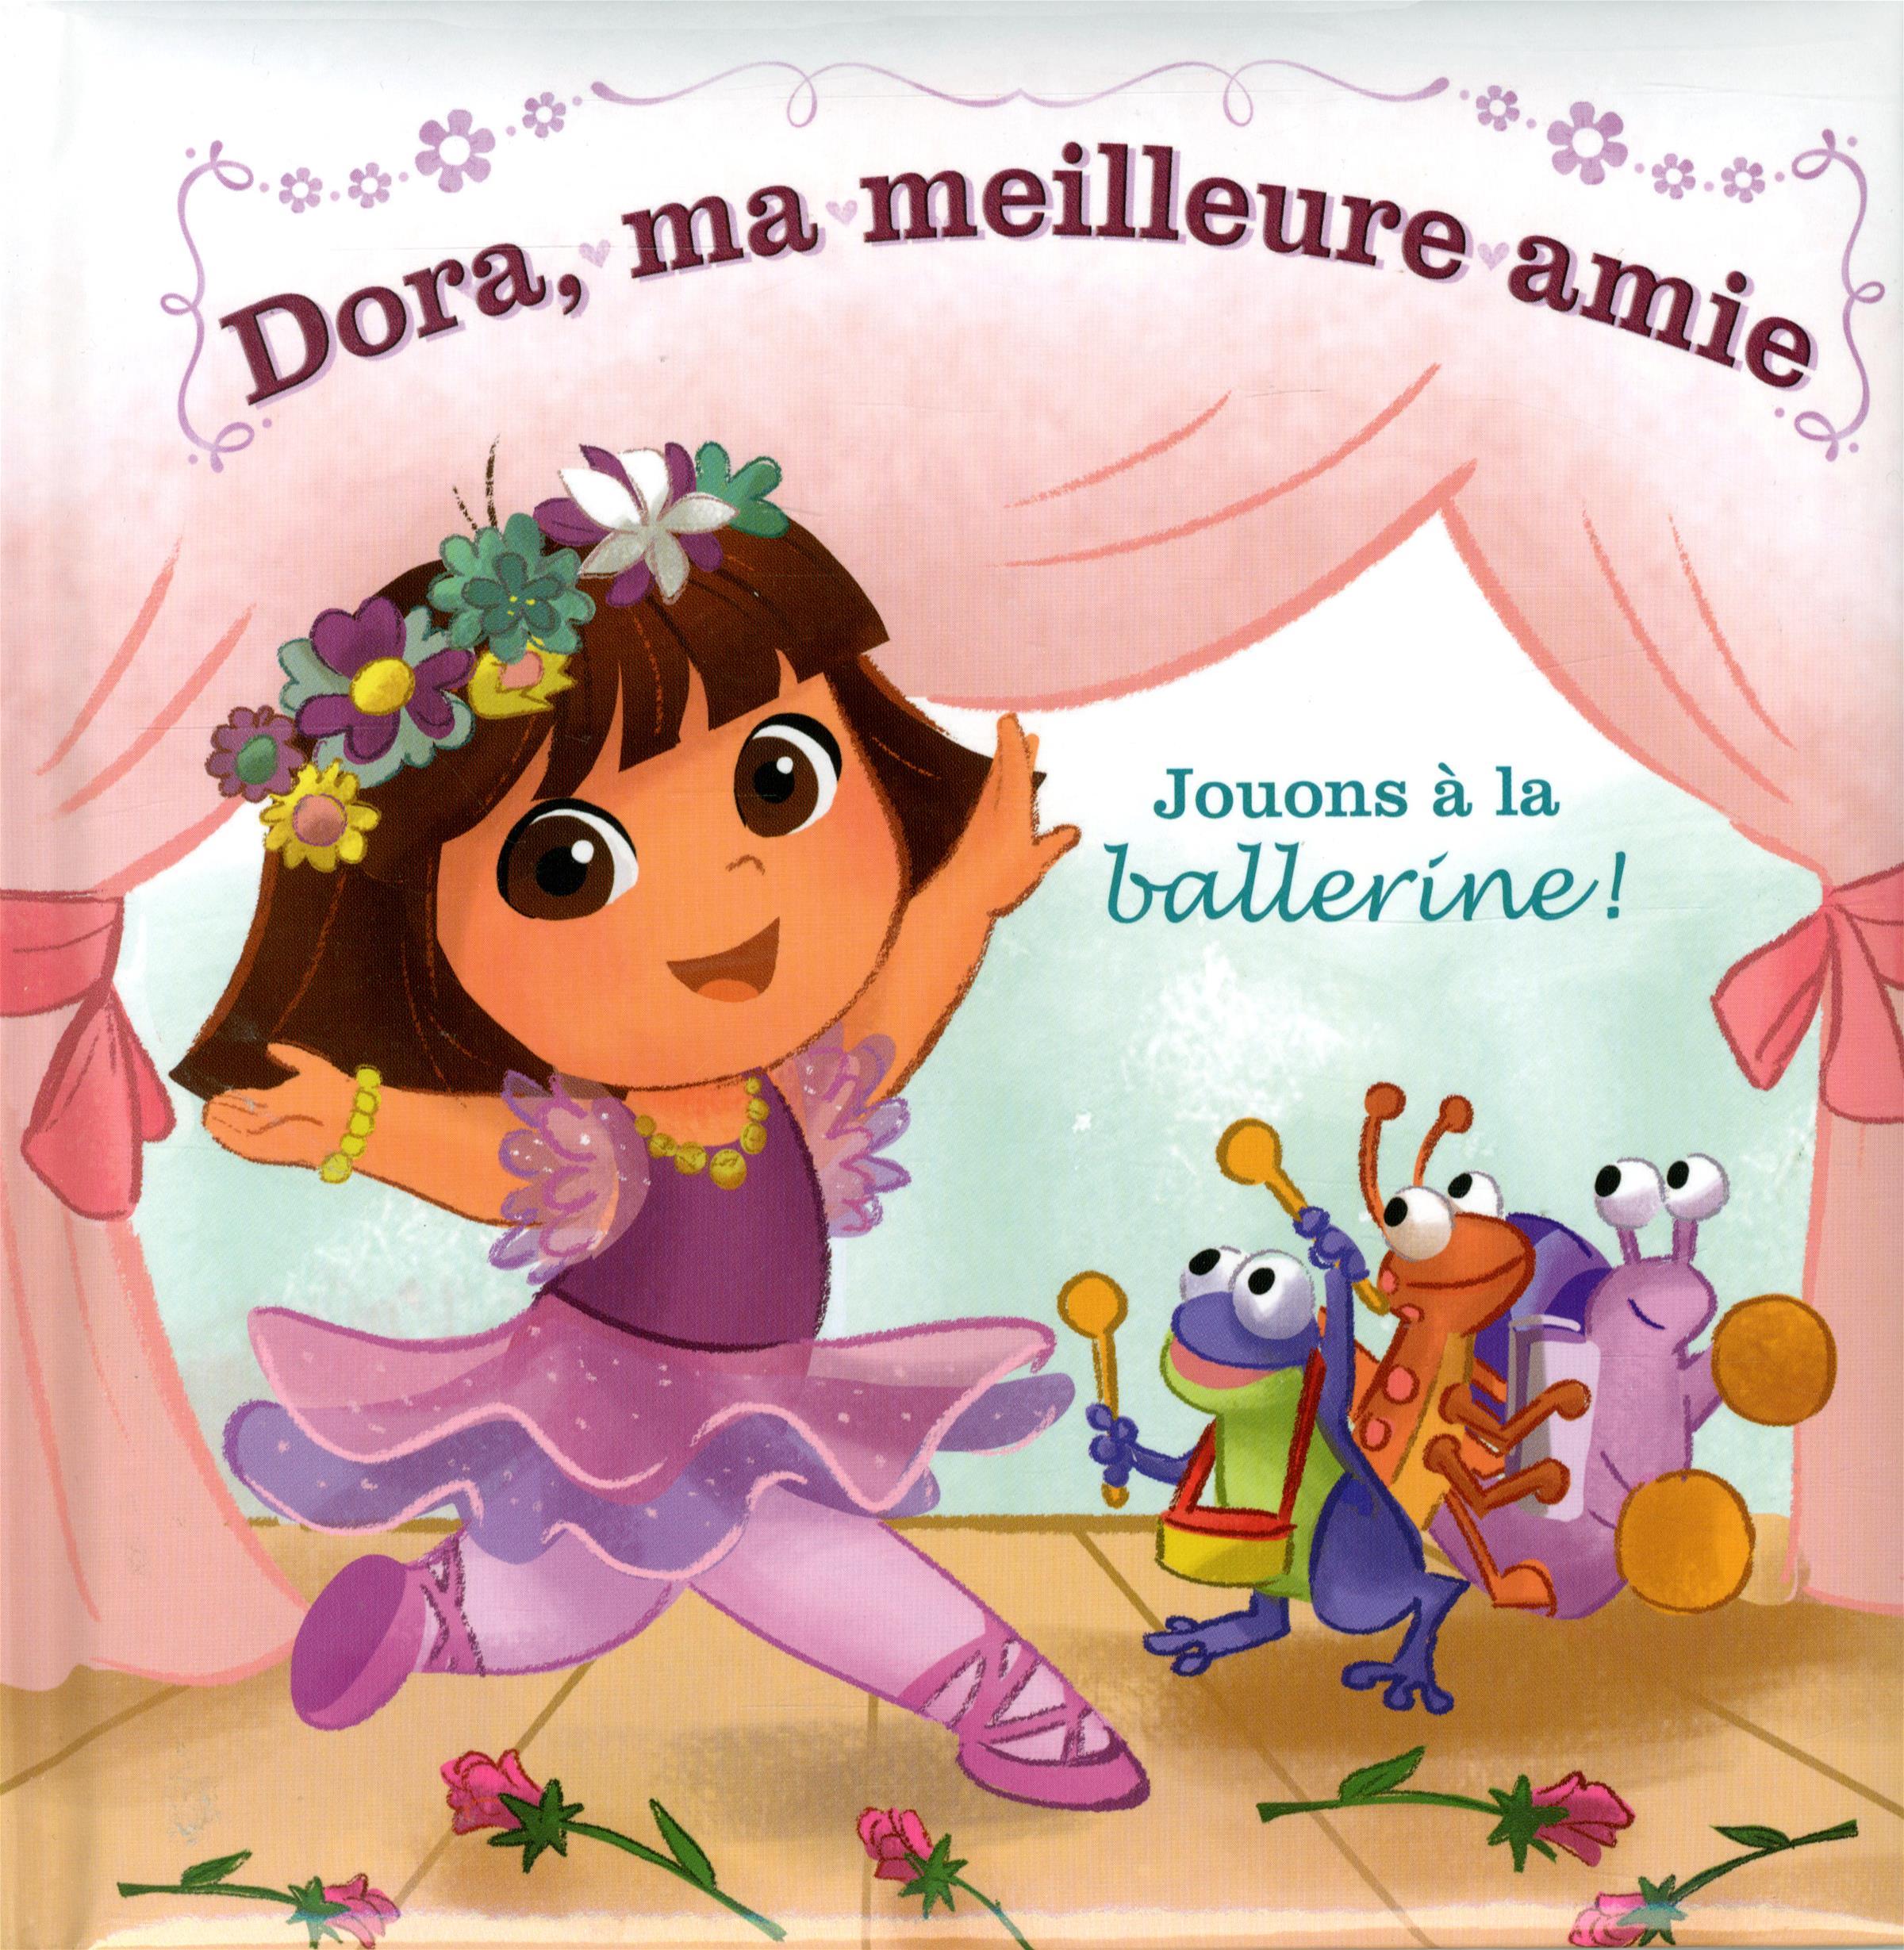 Image Pour Ma Meilleure Amie intérieur livre dora, ma meilleure amie - jouons à la ballerine | messageries adp